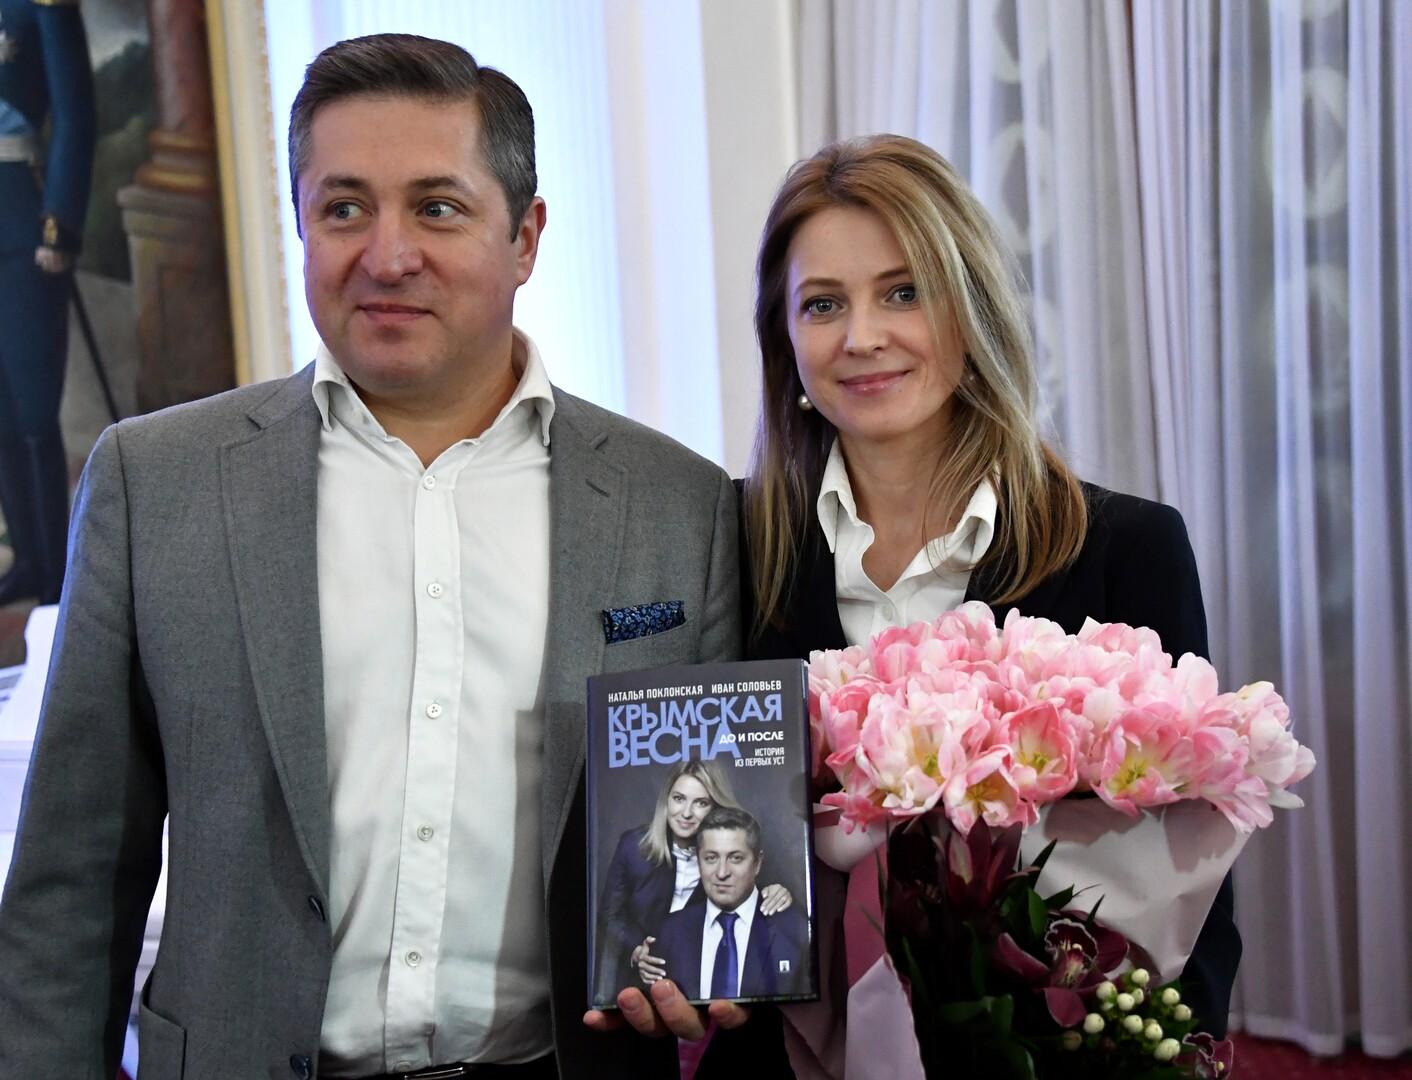 انفصال النائبة الروسية الحسناء.. وطليقها يكشف الأسباب!